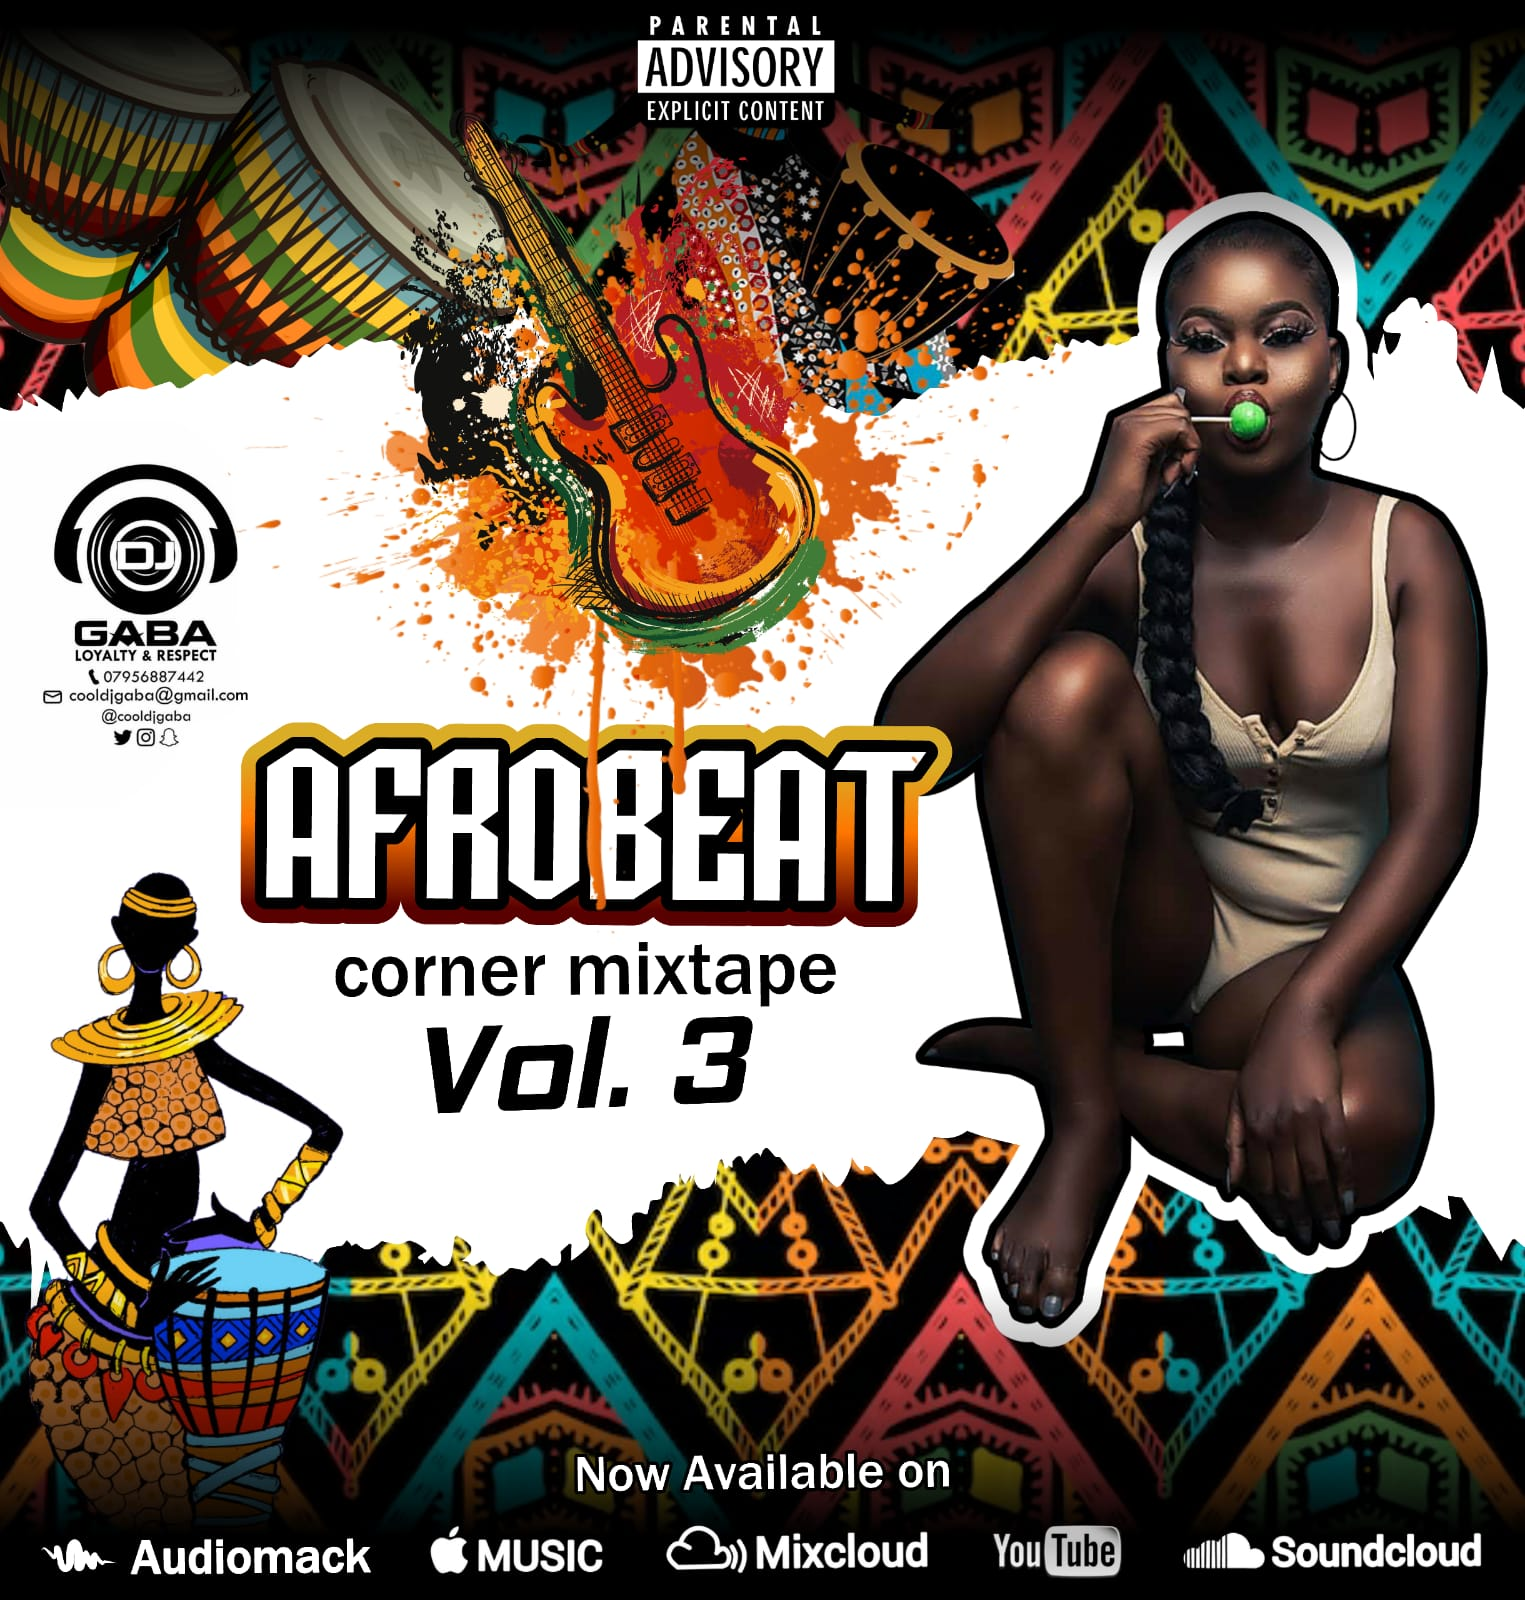 DJ Gaba - Afrobeat Corner Mix (Pt 3) #Arewapublisize